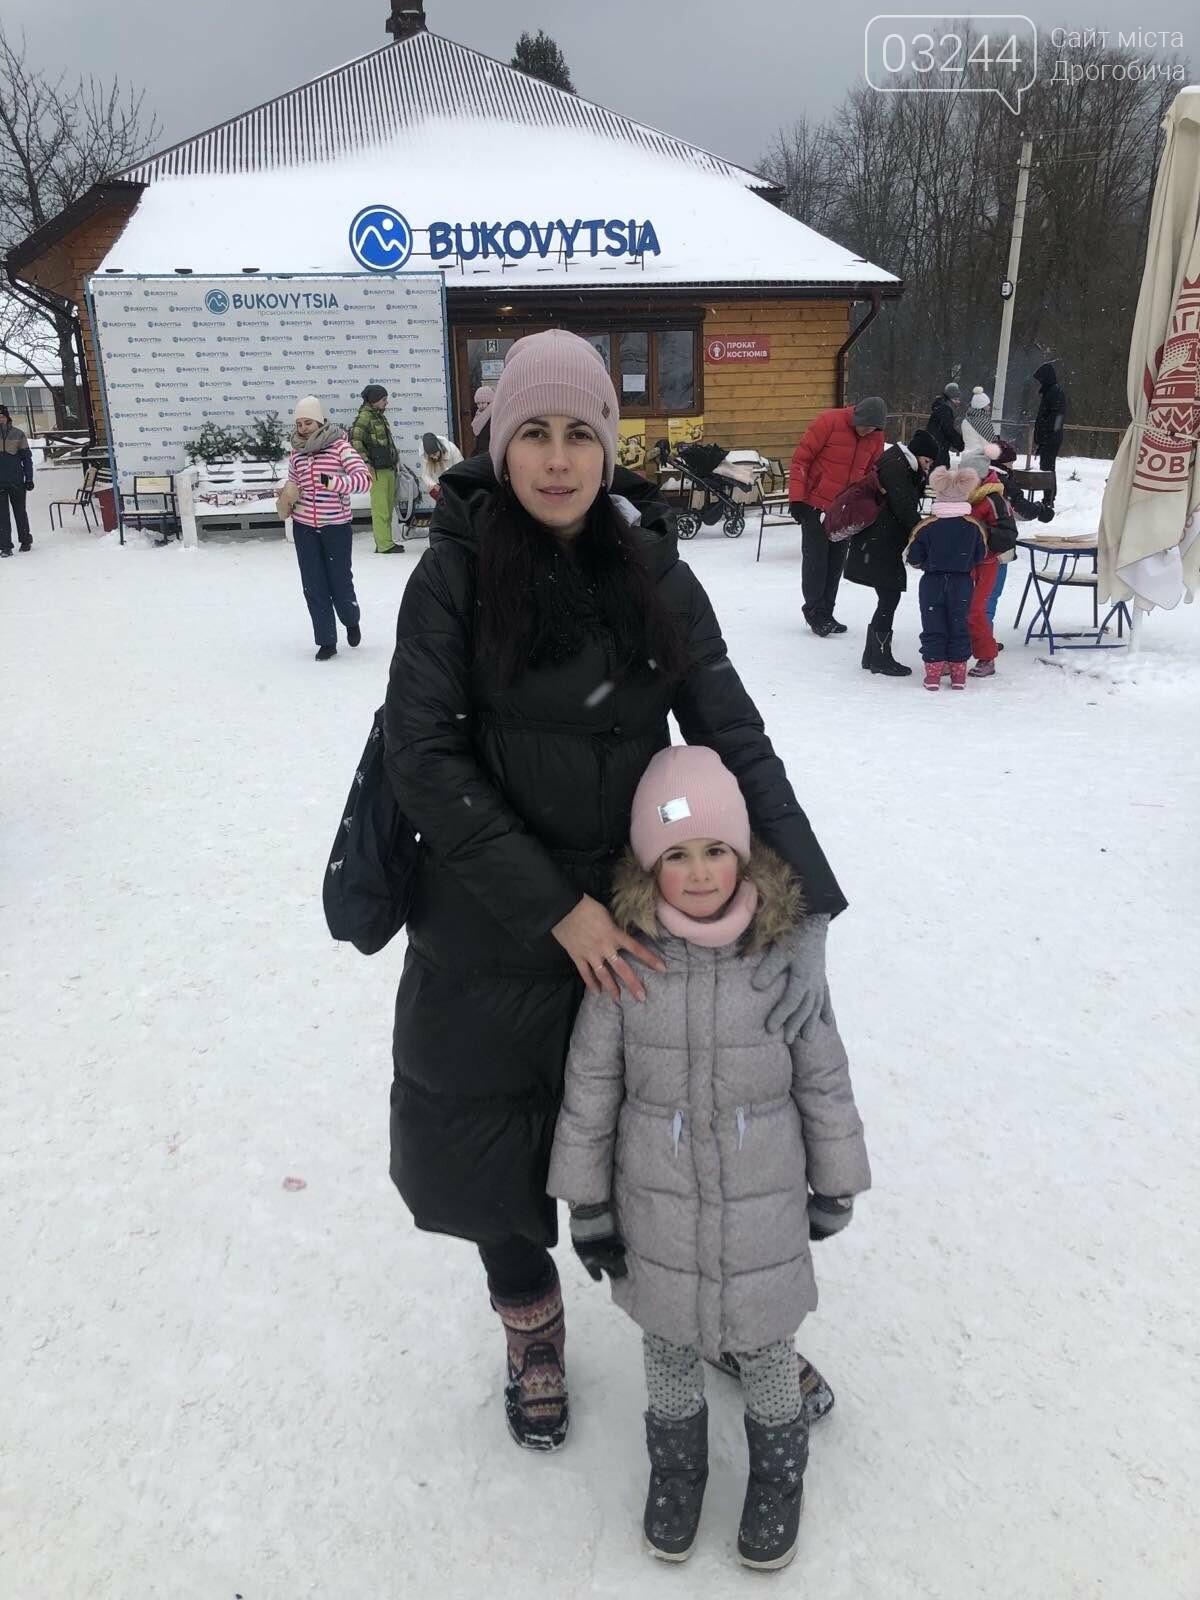 Наталії Здебській, яка вижила після розриву гранати, збирають кошти на лікування та тривалу реабілітацію, фото-1